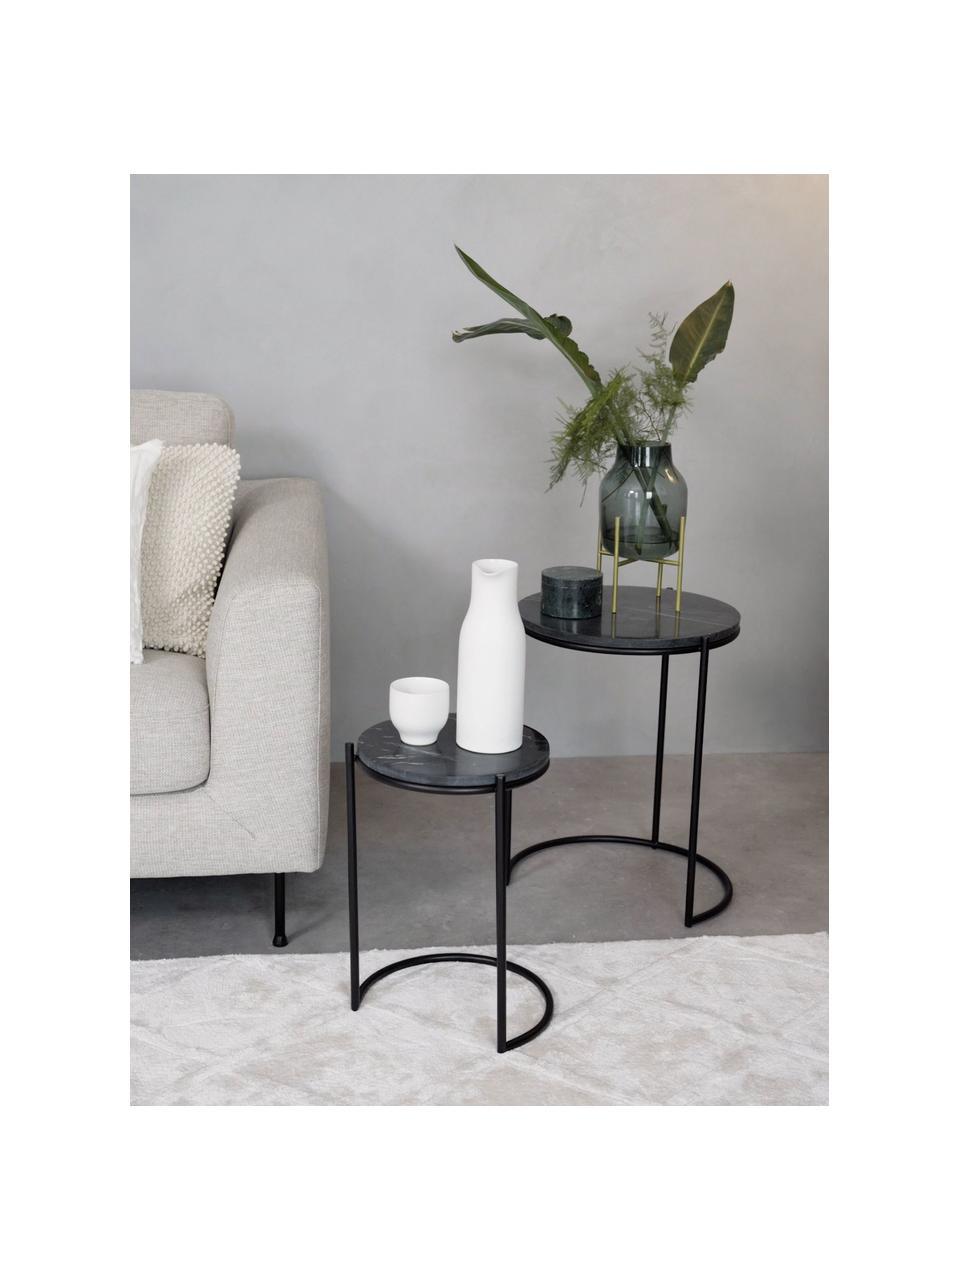 Marmeren bijzettafelset Ella, 2-delig, Frame: gepoedercoat metaal, Tafelbladen: zwart marmer. Frame: mat zwart, Set met verschillende formaten